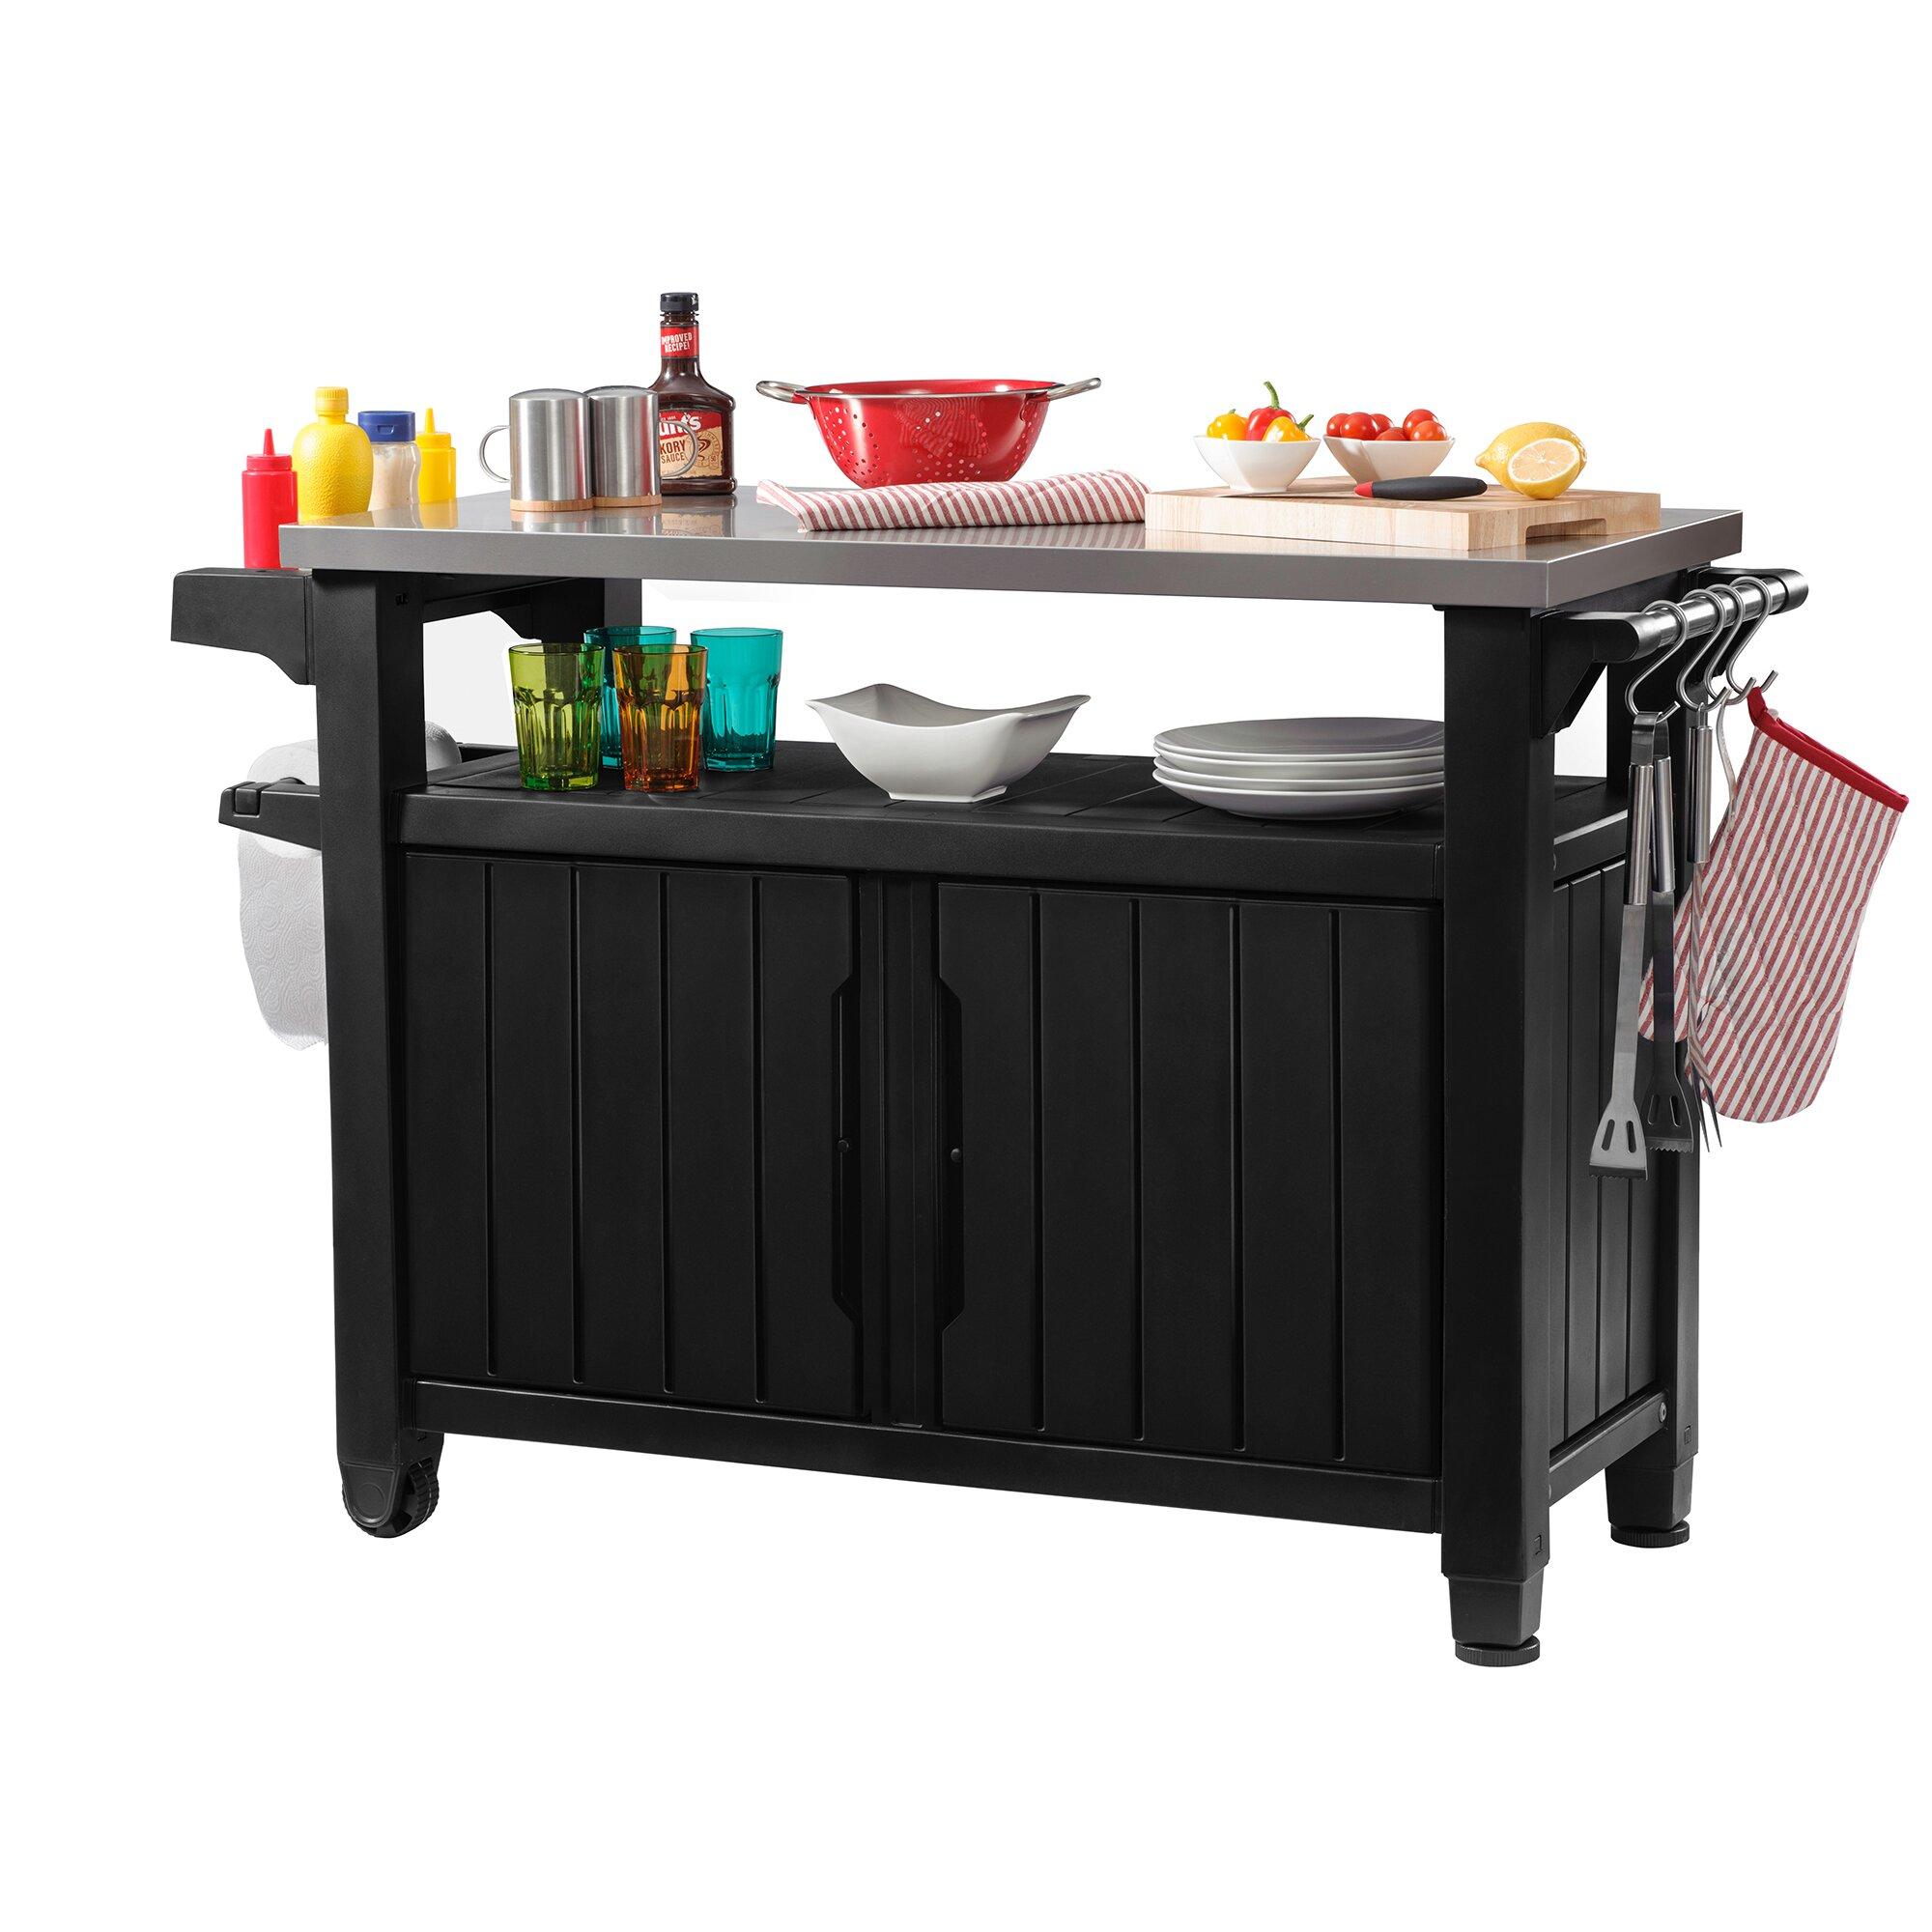 keter unity bar serving cart reviews wayfair. Black Bedroom Furniture Sets. Home Design Ideas